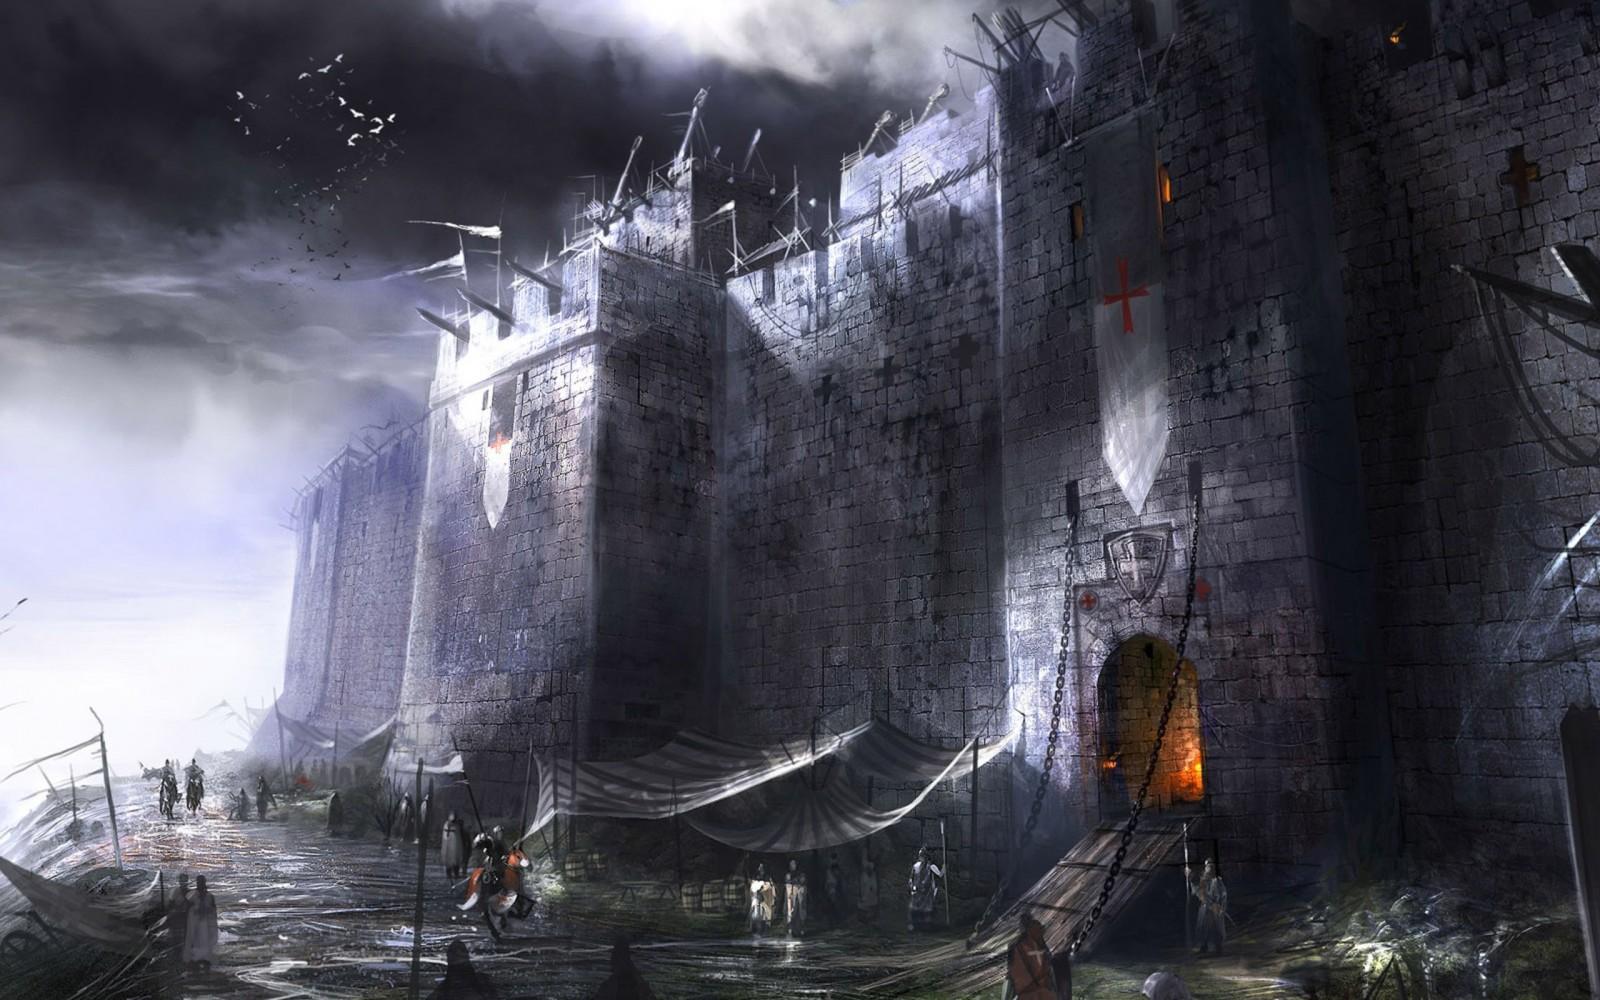 Sorci Castel - ghost castle